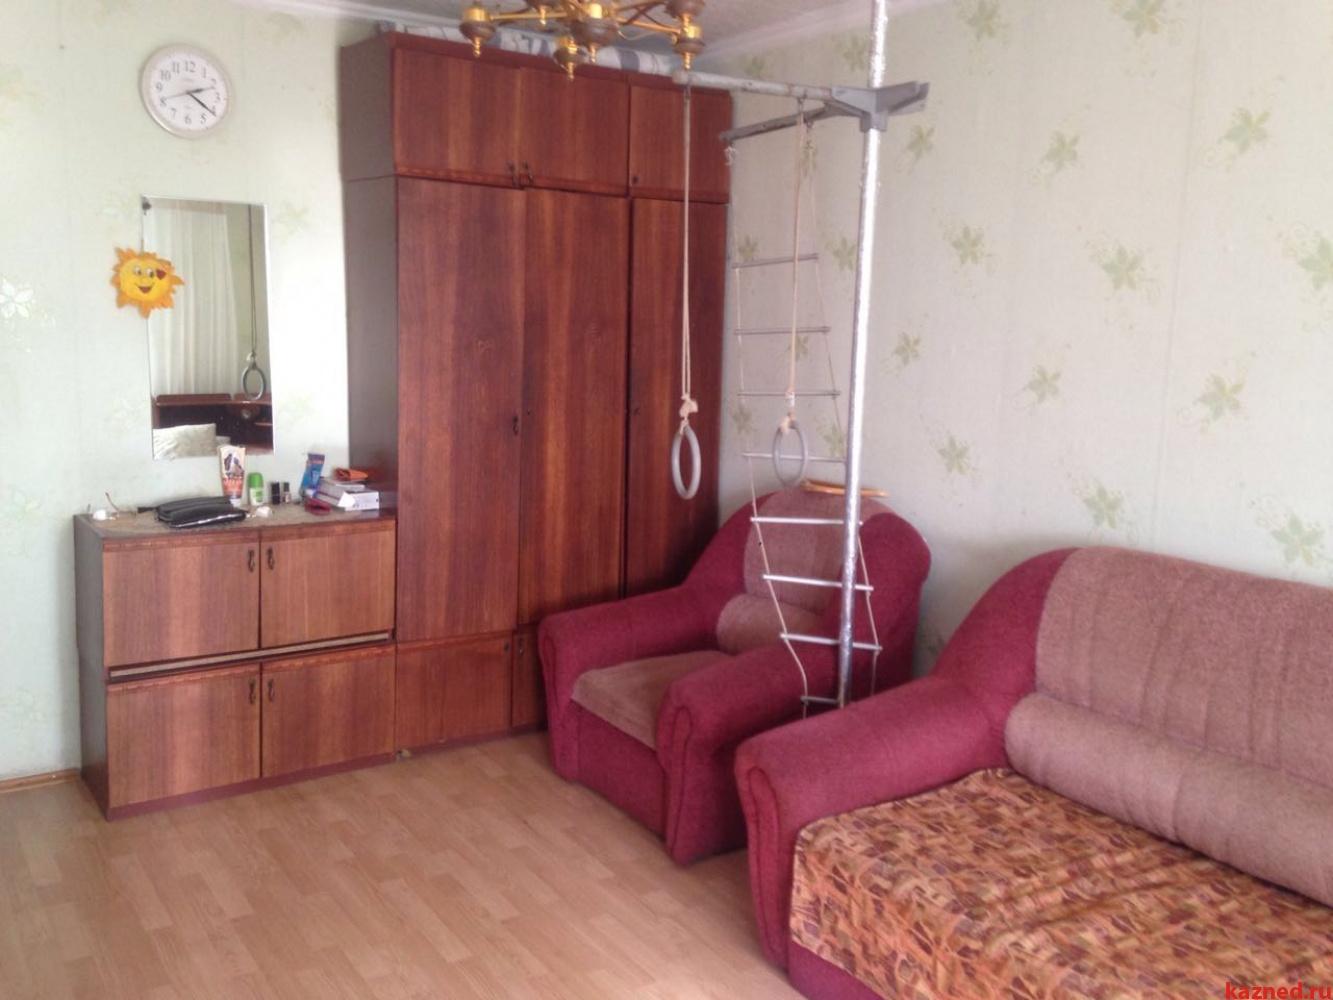 Продажа 2-к квартиры Рихарда Зорге ул, 121, 54 м² (миниатюра №5)